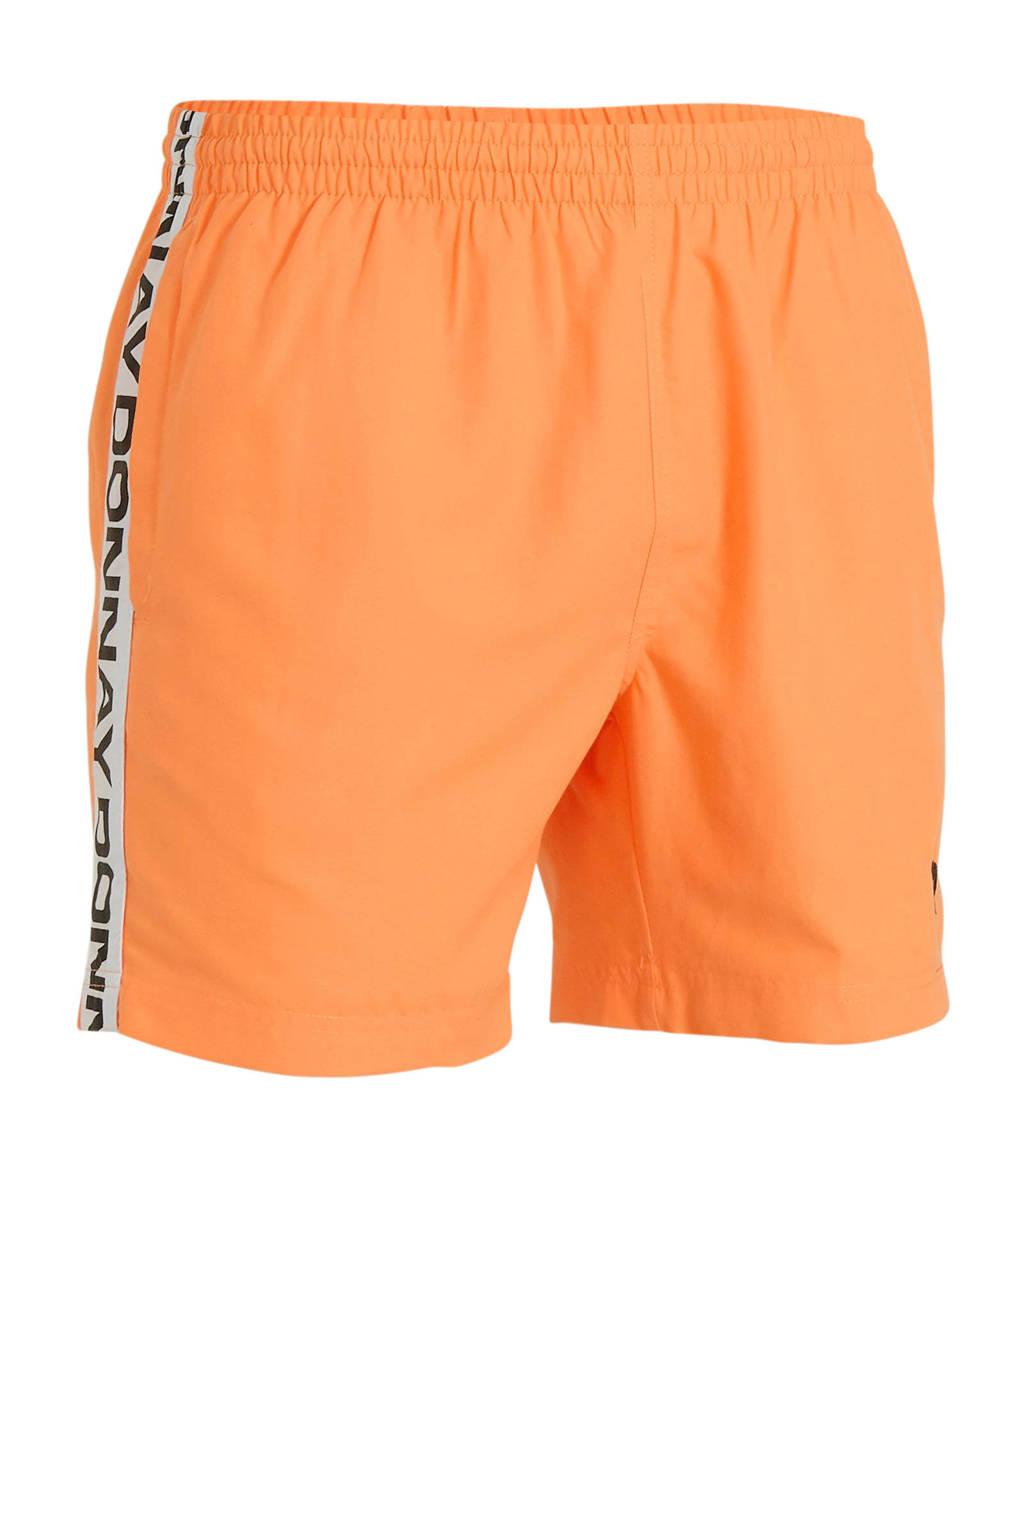 Donnay   sport/zwemshort oranje, Oranje